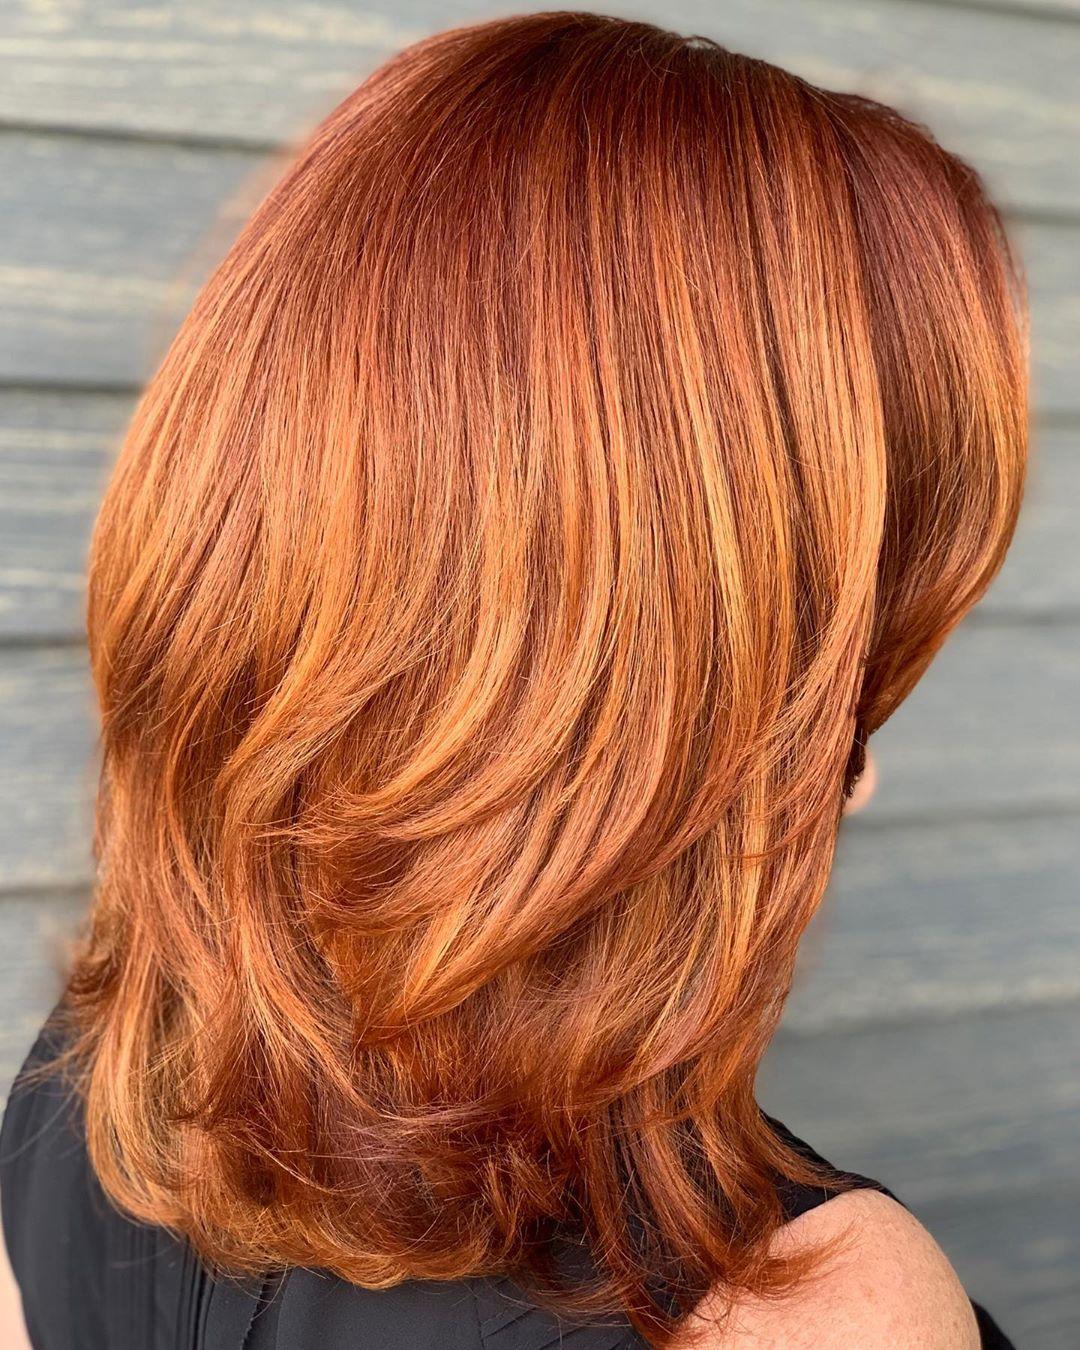 Auburn Hair with Orange Highlights